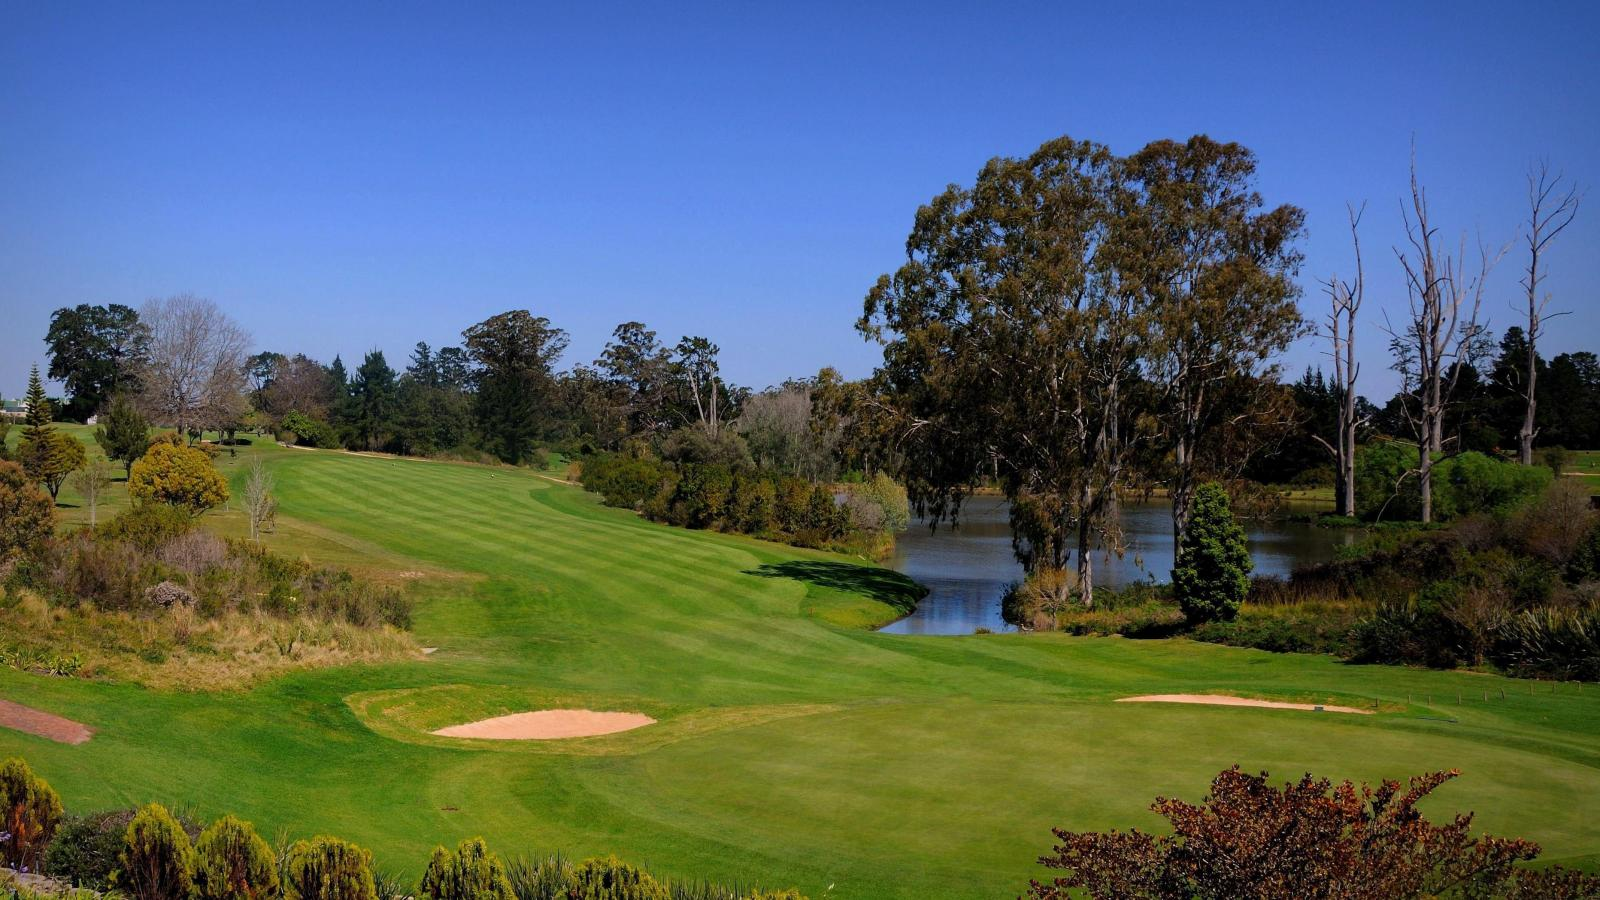 George Golf Club Book Golf Online  E2 80 A2 Golfscape